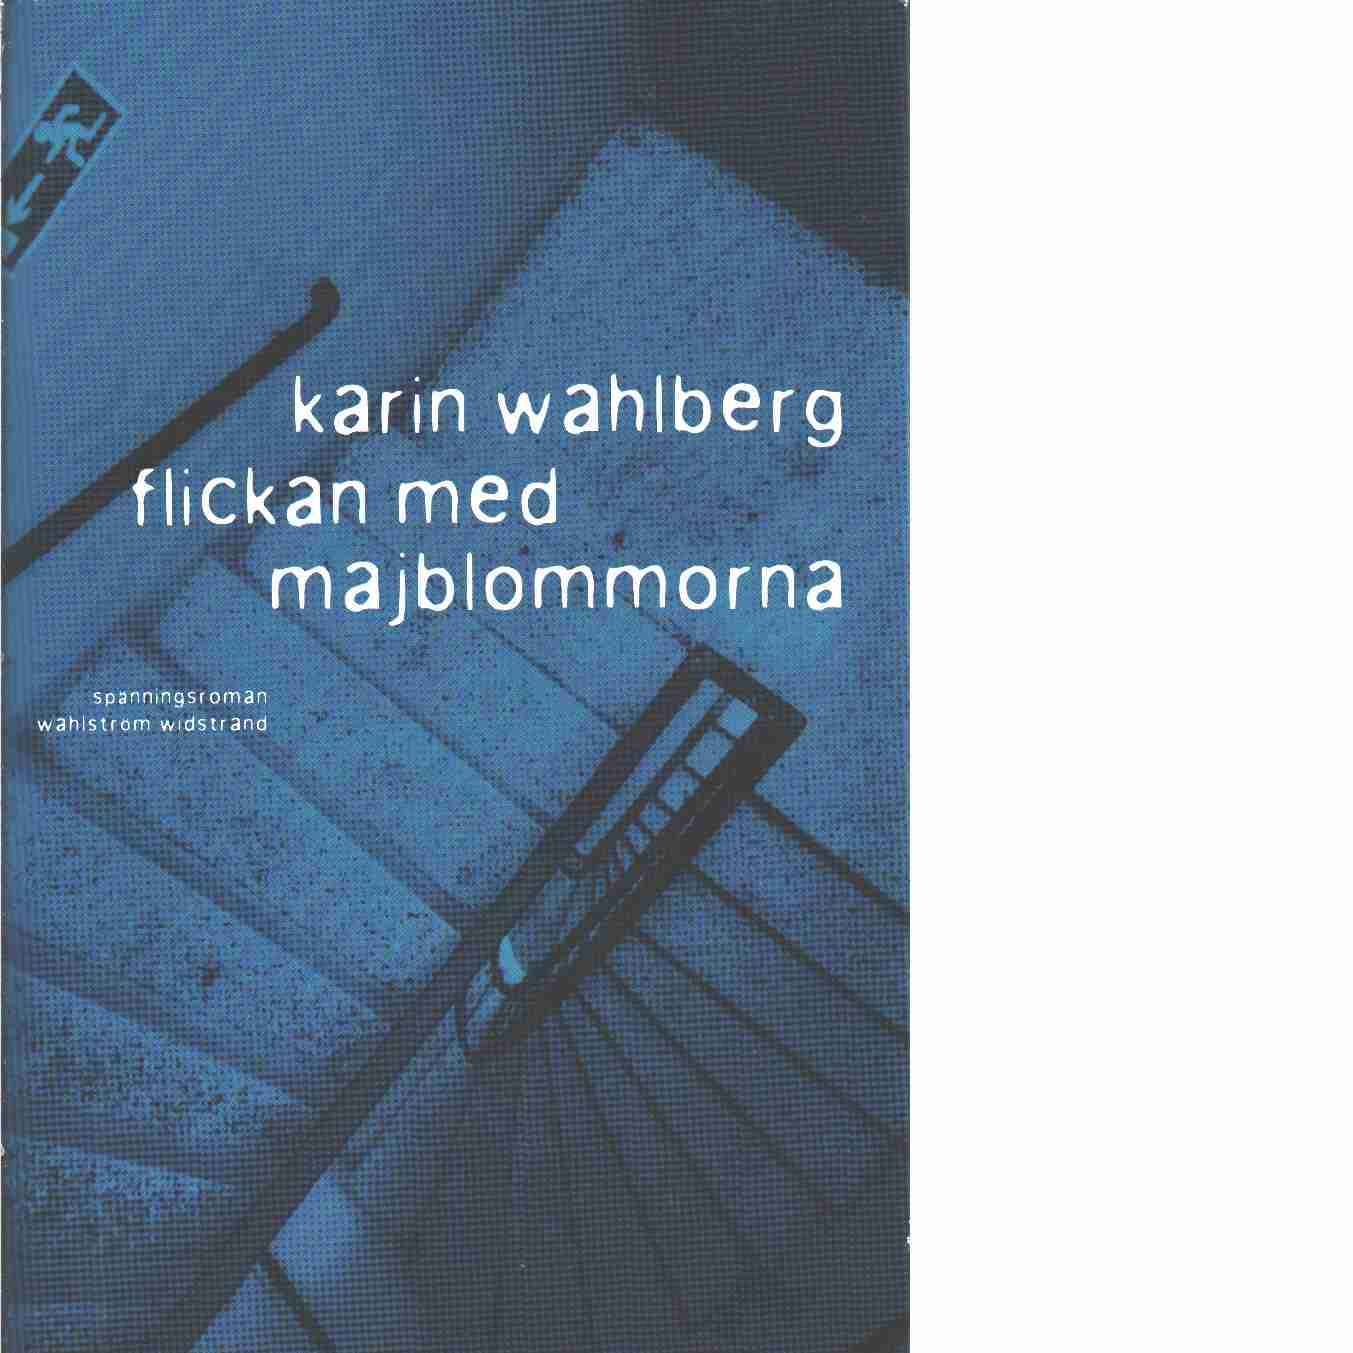 Flickan med majblommorna - Wahlberg, Karin